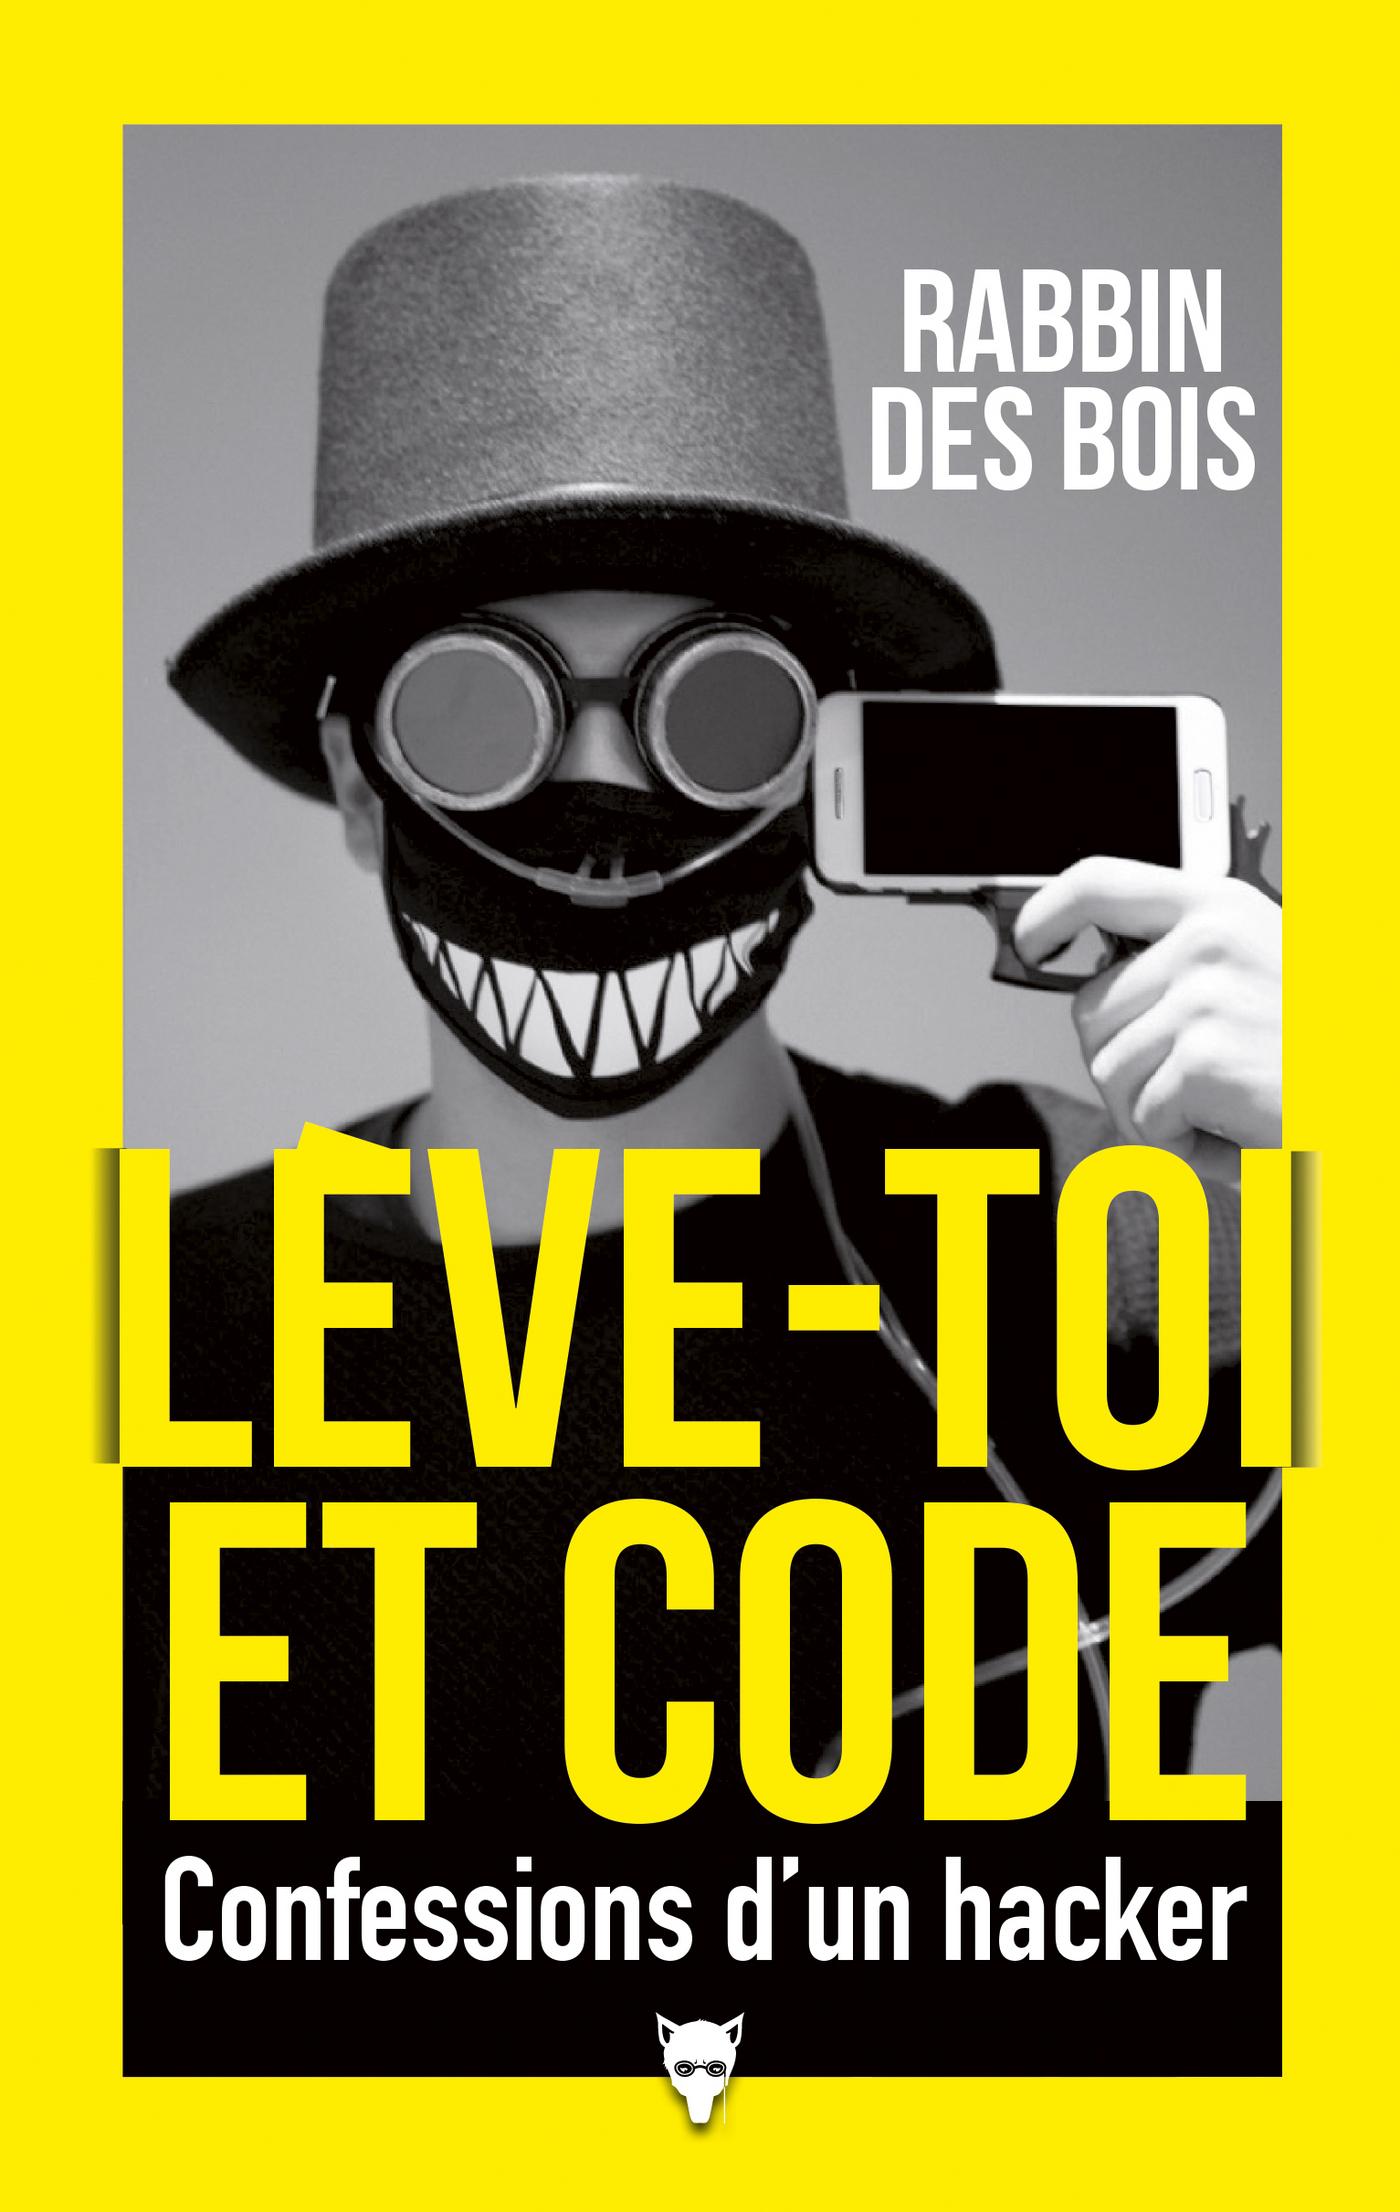 Lève-toi et code - Confessions d'un hacker